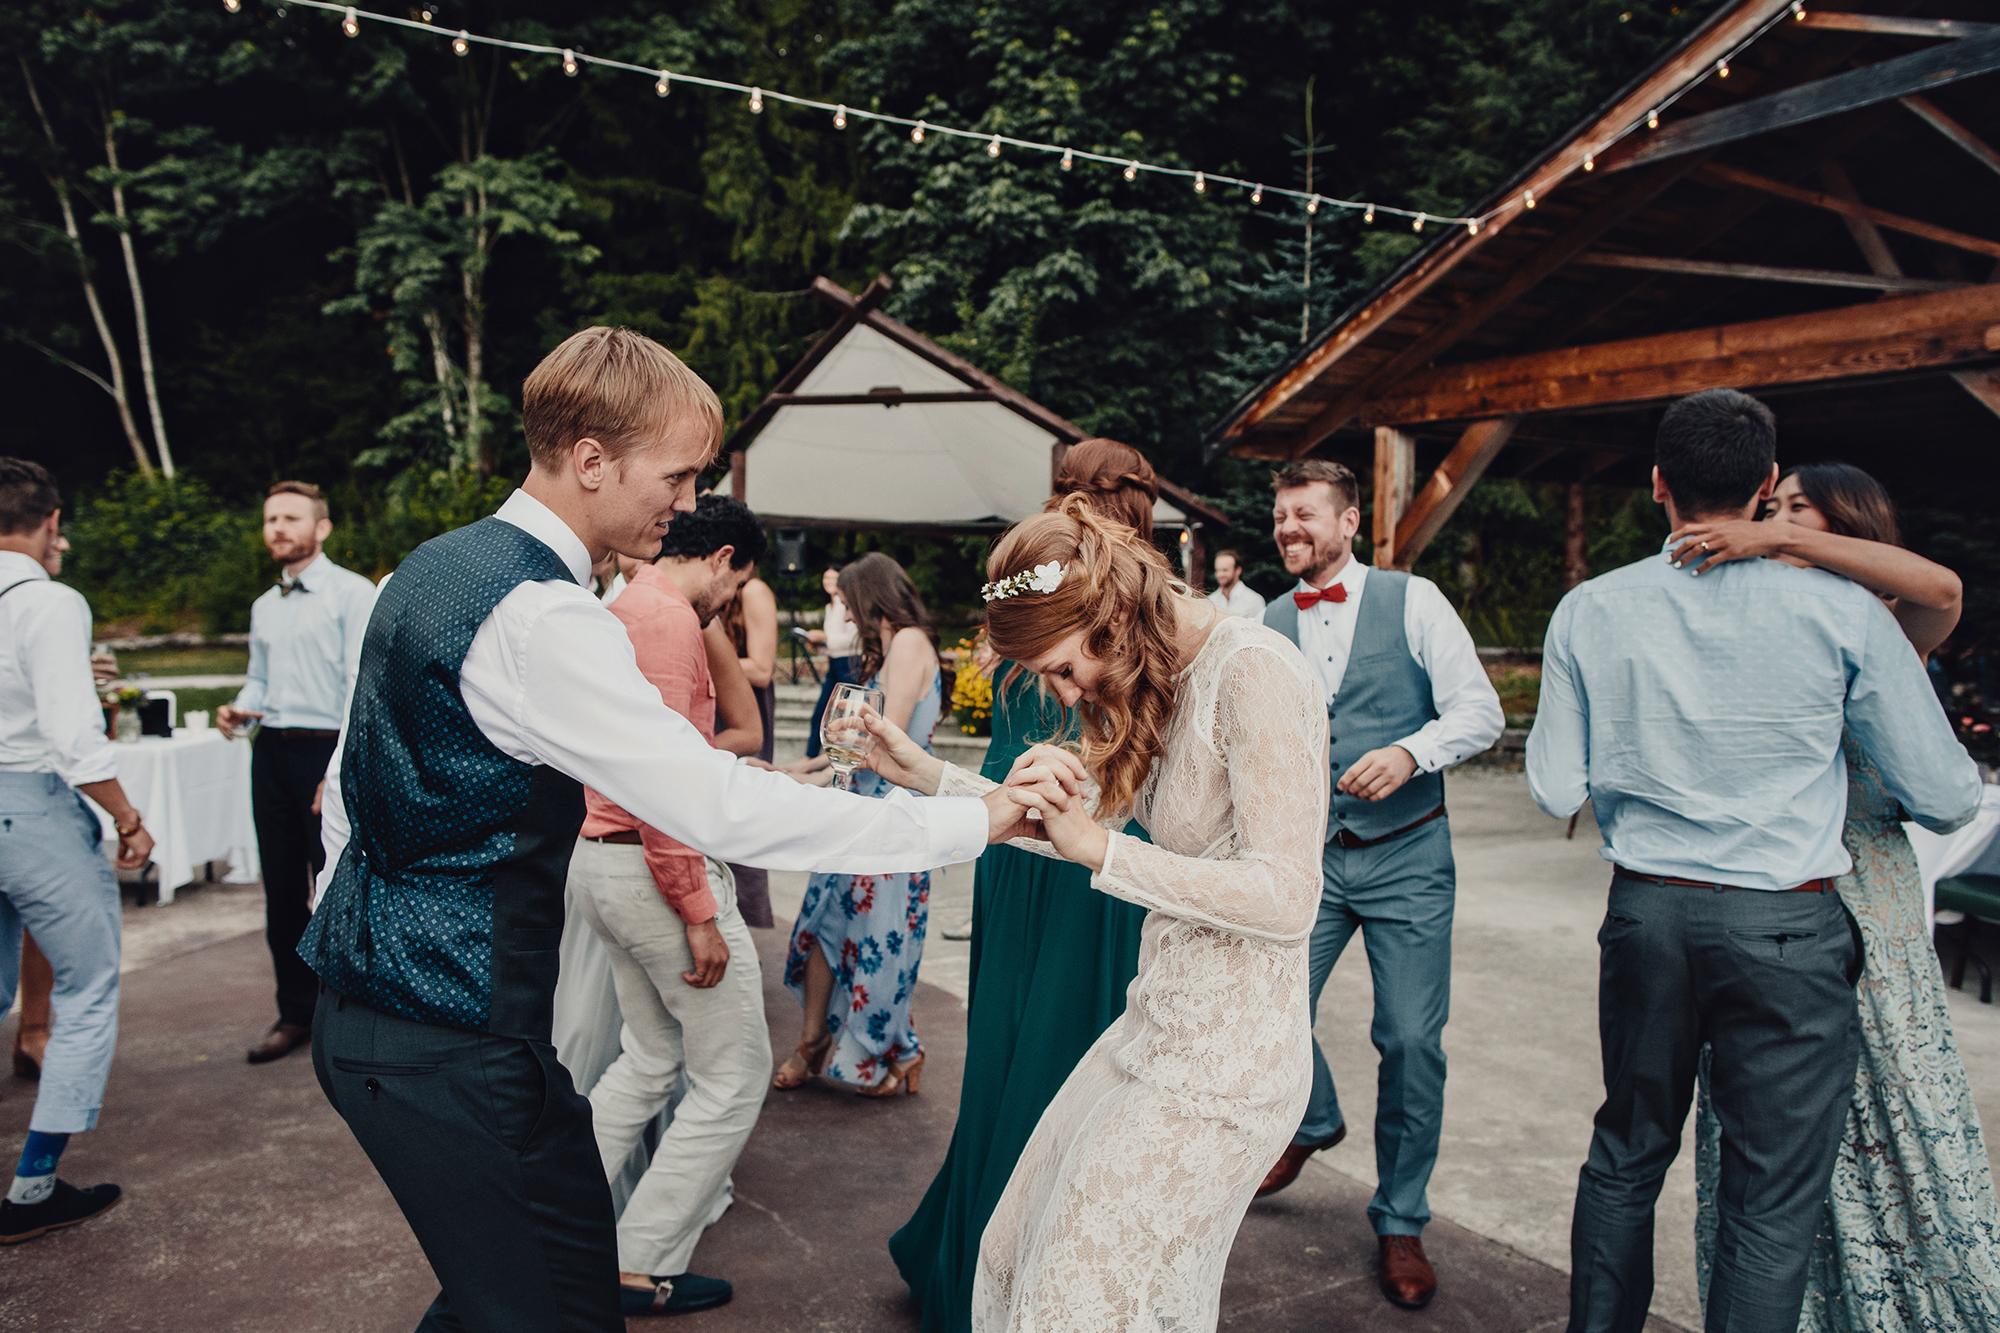 mountain-top-wedding-photos-0117.JPG